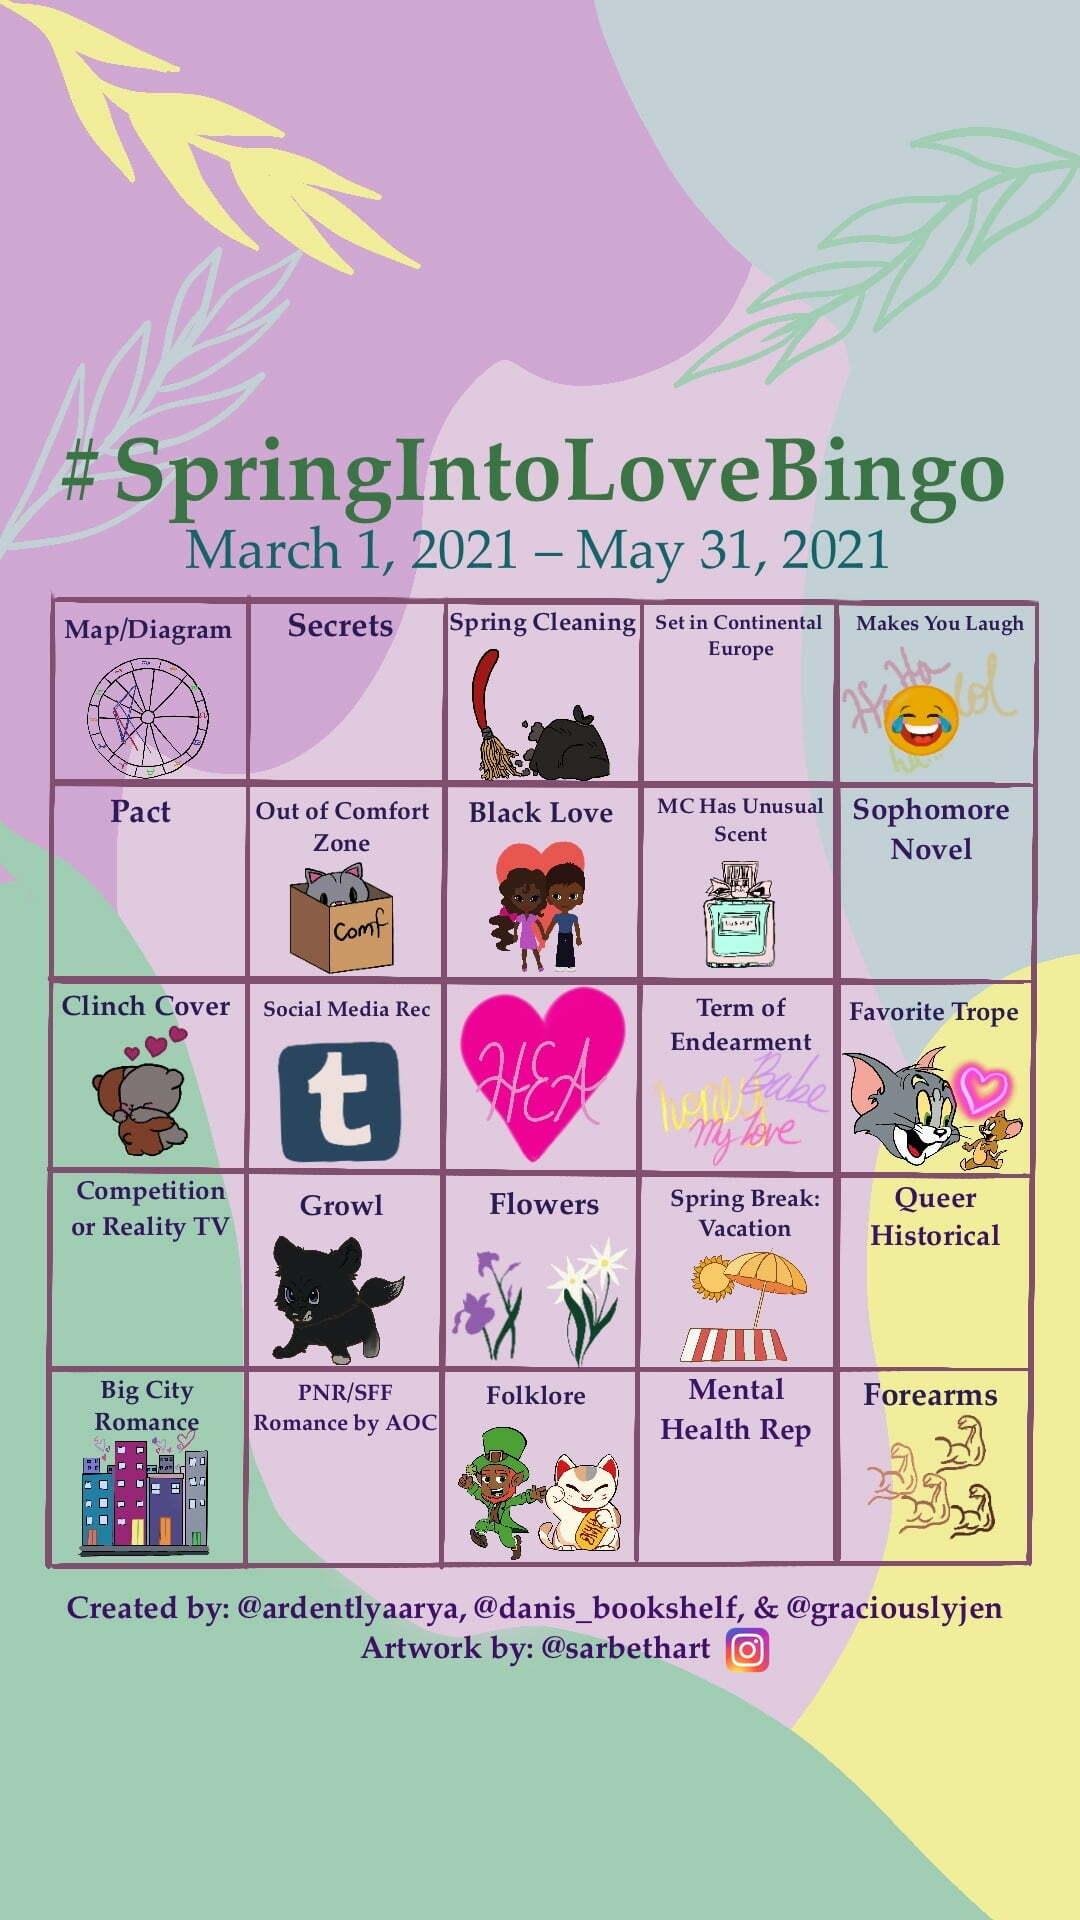 SpringIntoLove Bingo